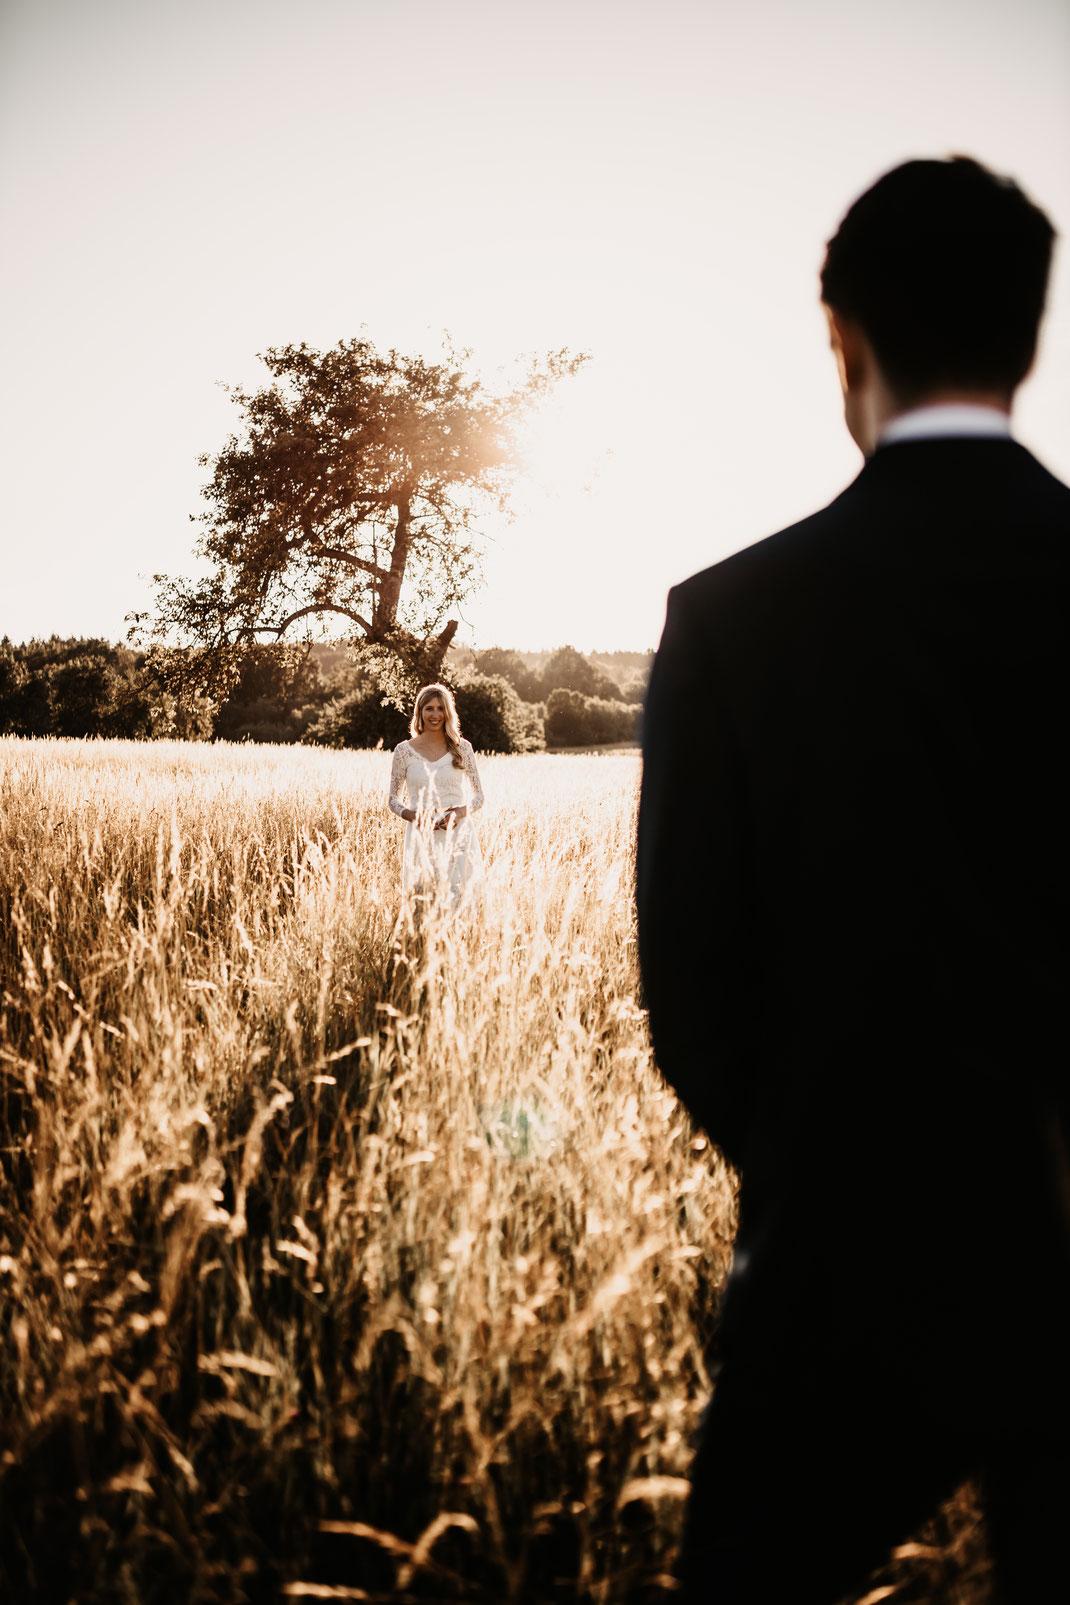 Hochzeitsfotograf Saarland - Fotograf Kai Kreutzer 10020 Saarbrücken, Saarlouis, Merzig, St. Wendel 45